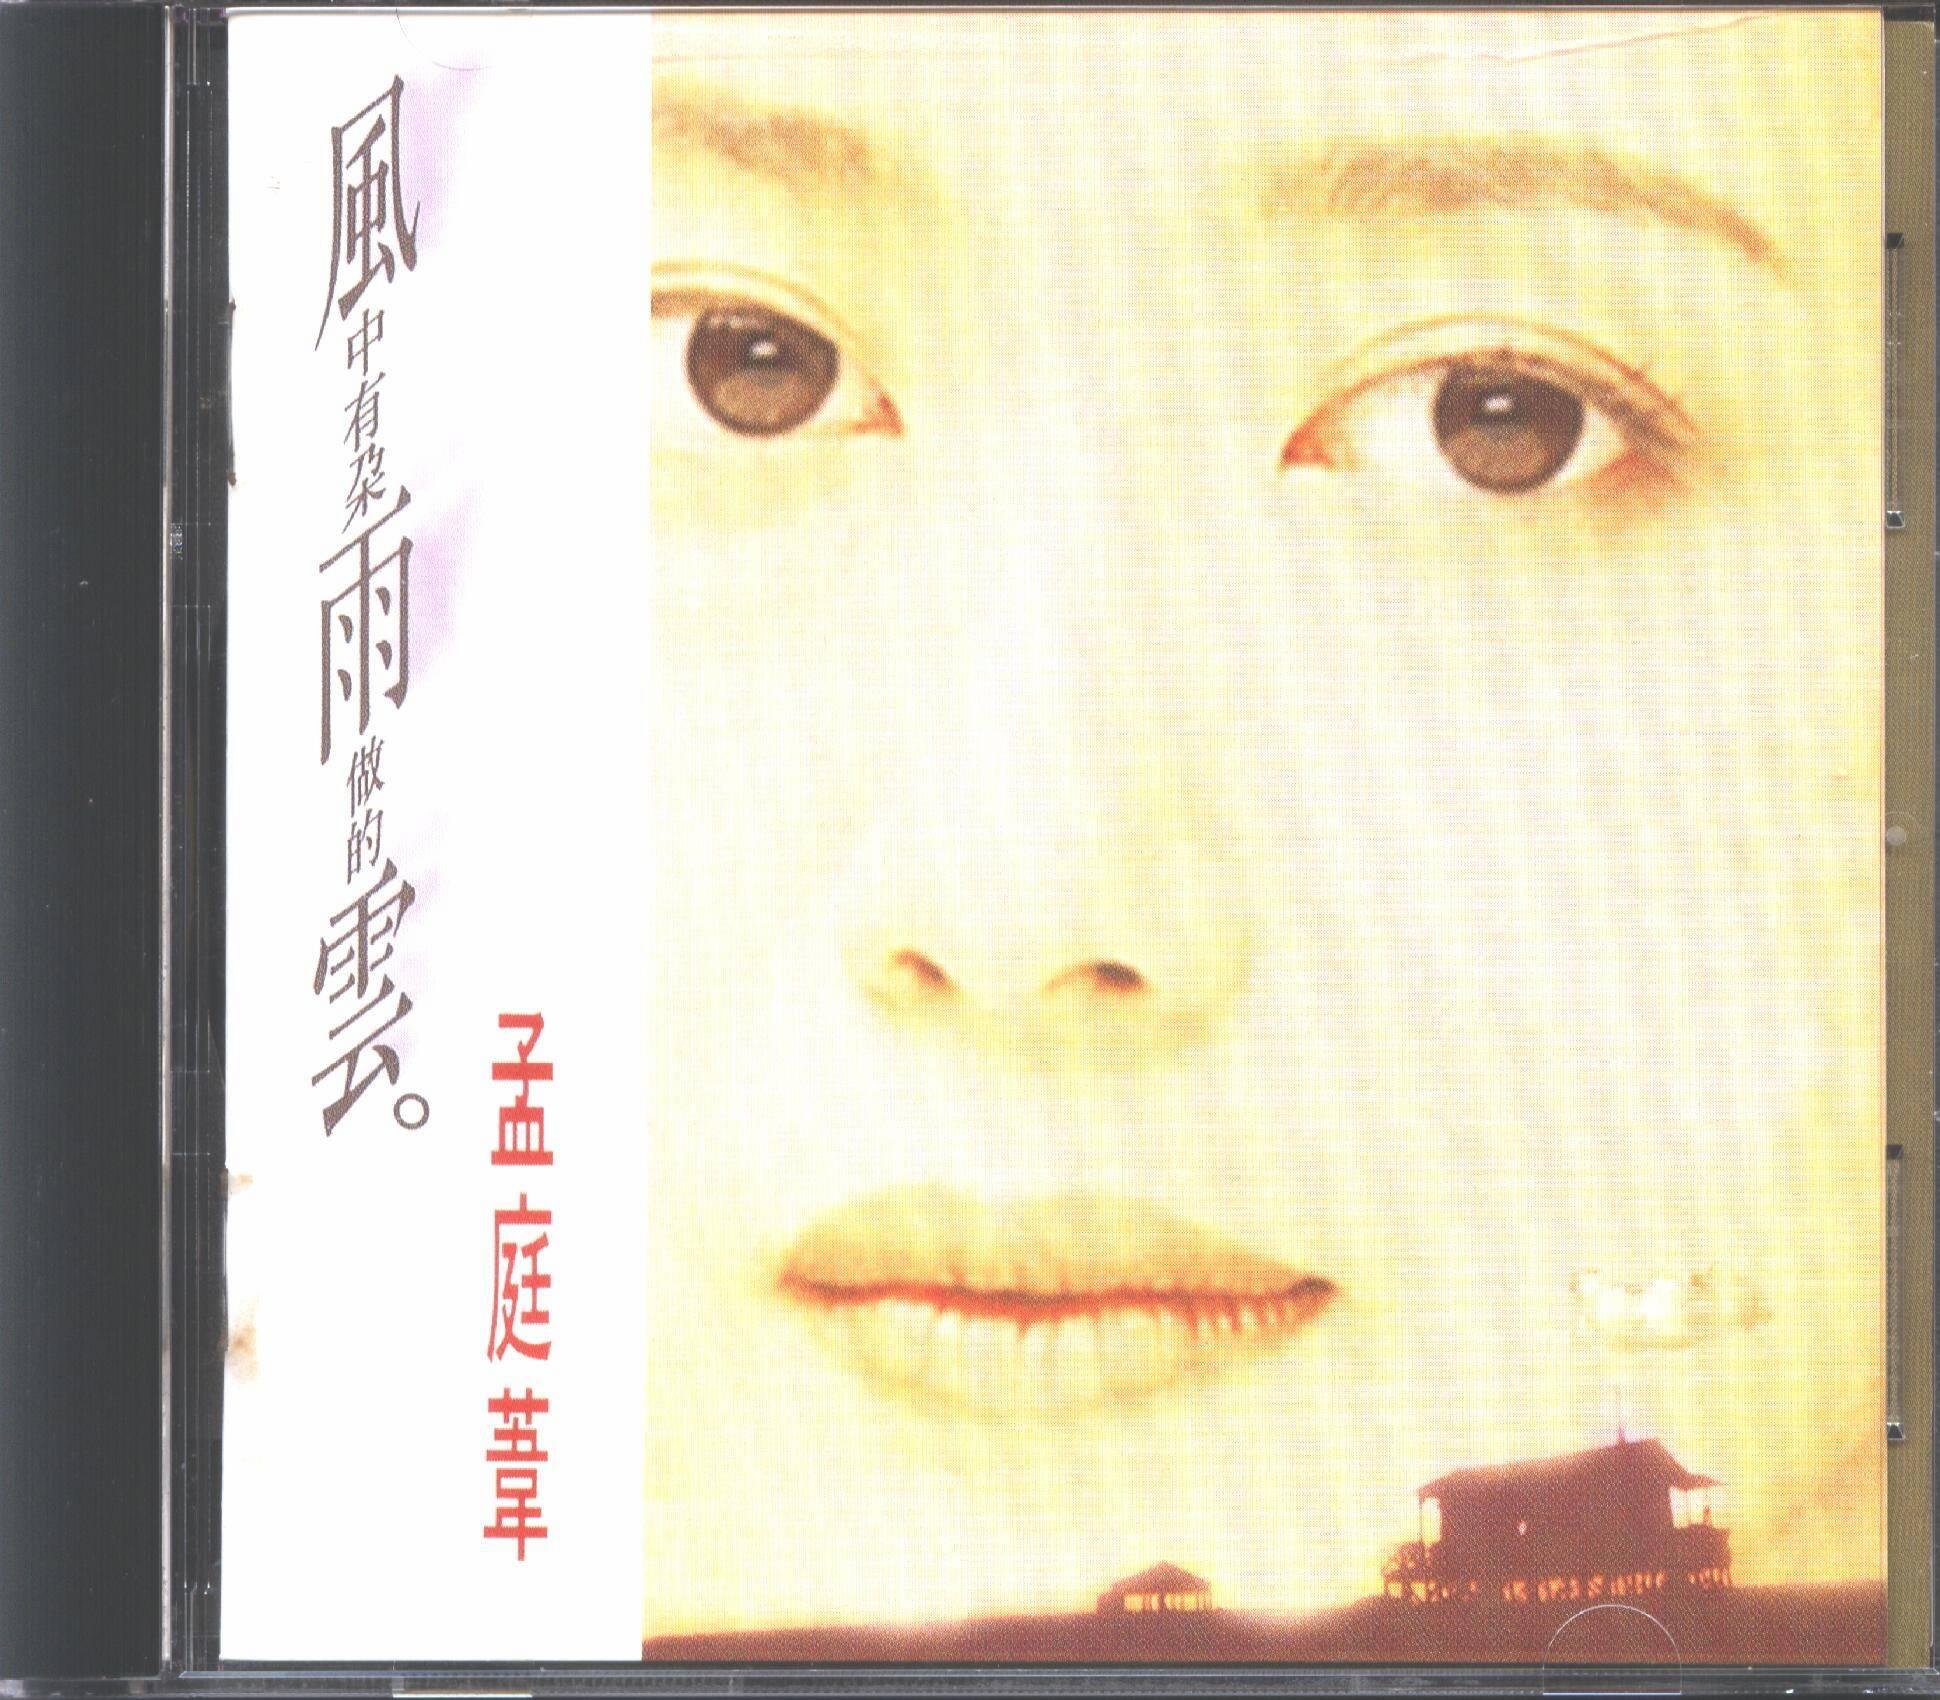 孟庭葦 – 風中有朵雨做的雲 (1993) [FLAC 分軌]